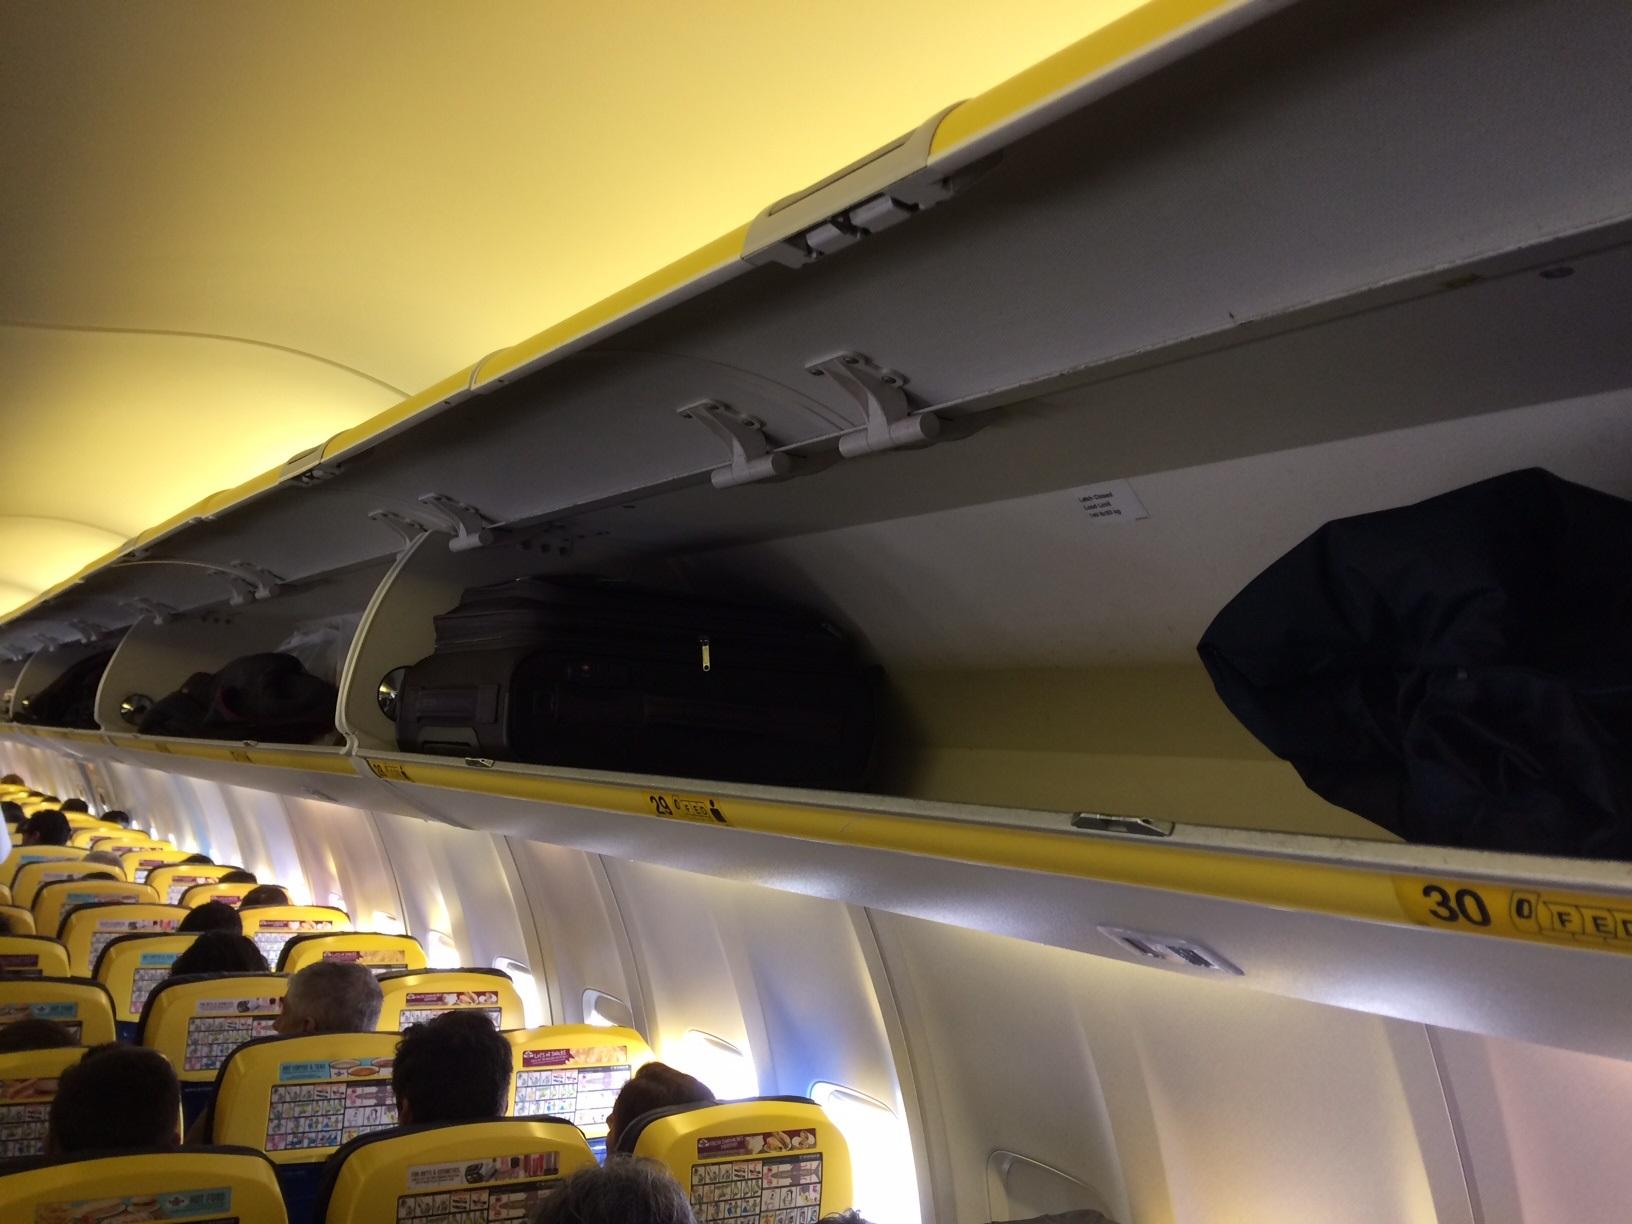 ecce049d6eef Borzasztóan túltolja a kézicsomagtalanítást a Ryanair - Fapados ...